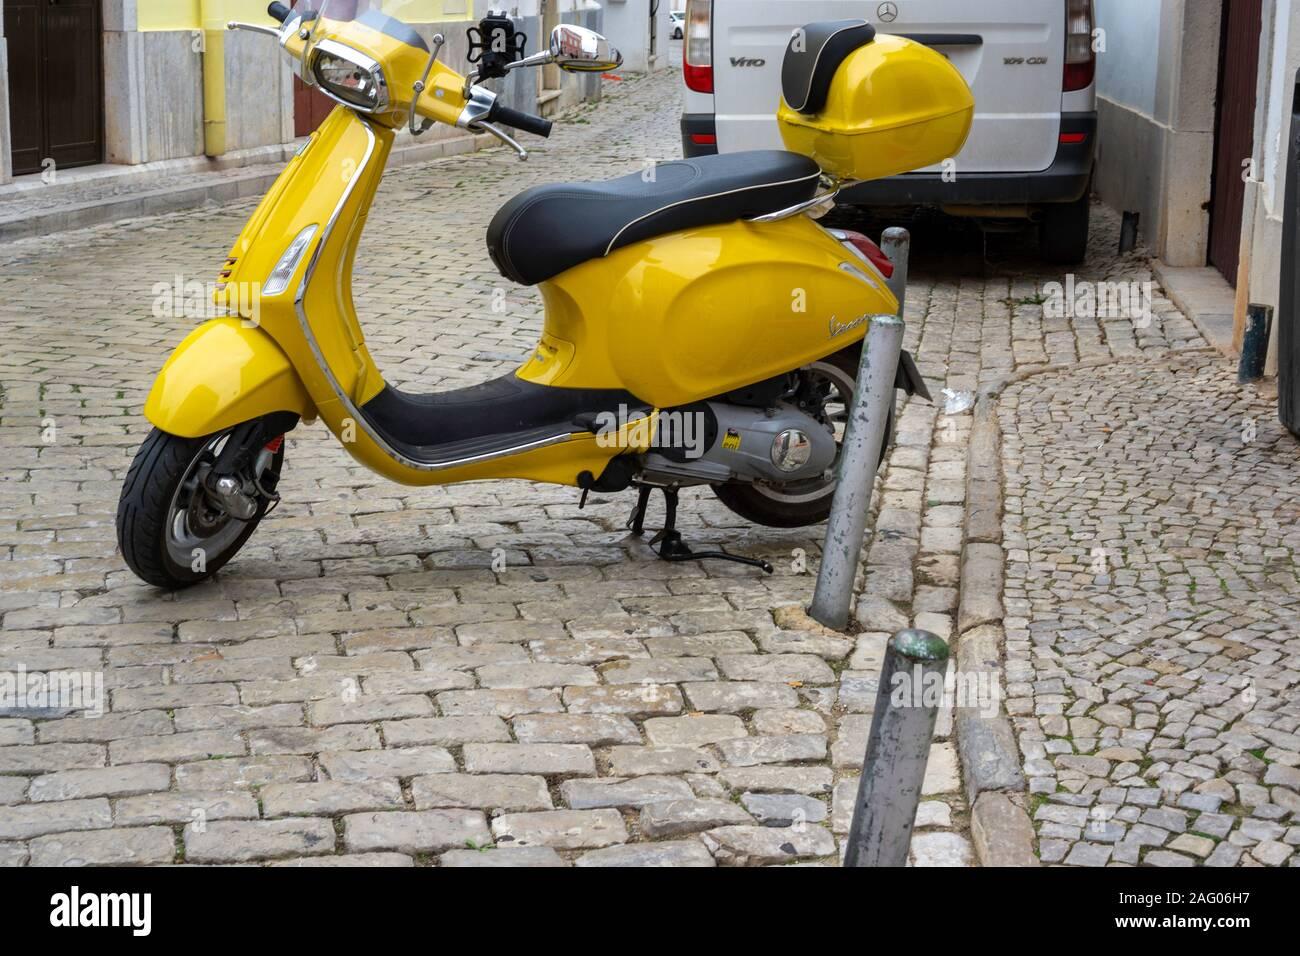 .Un scooter Vespa jaune garée sur une route pavée à Almancil, Portugal Banque D'Images